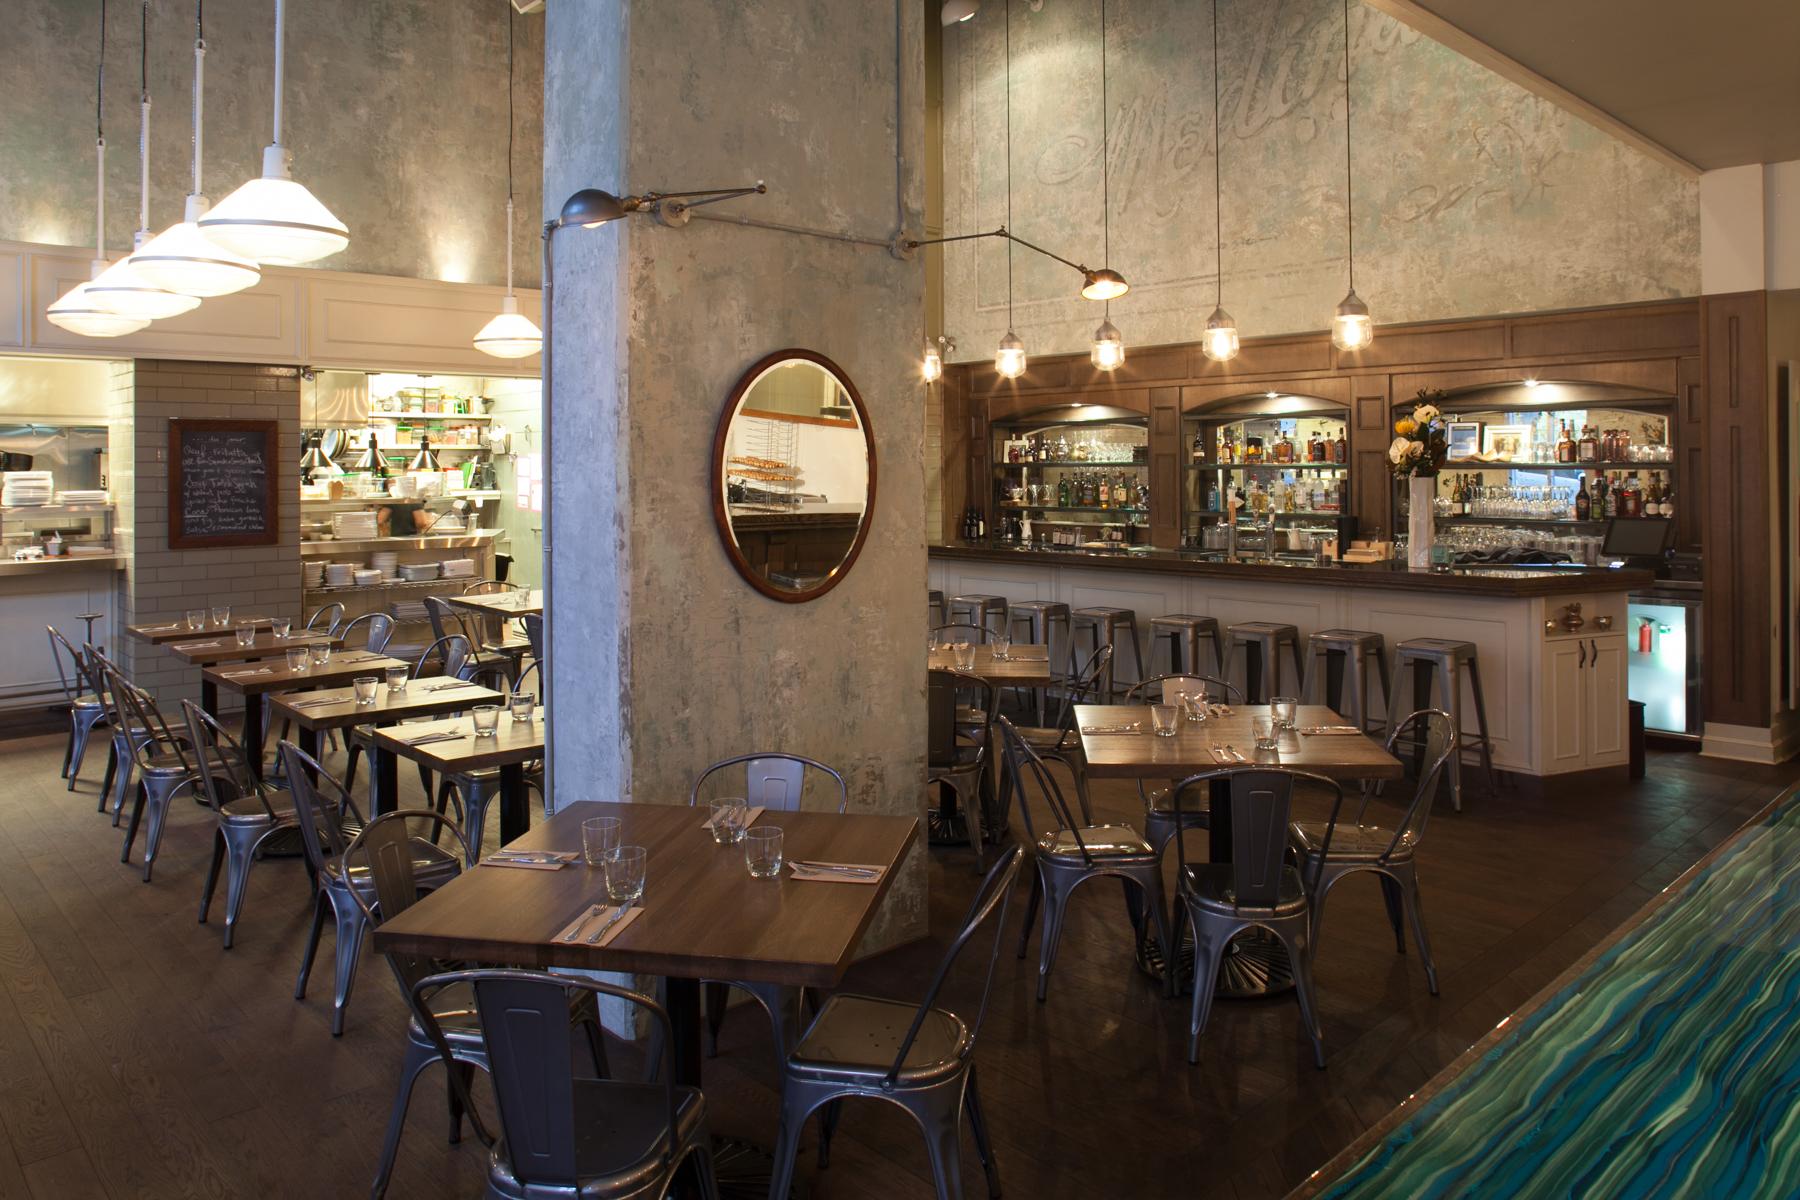 Cafemedina interior4 creditbarrycalhounphotography